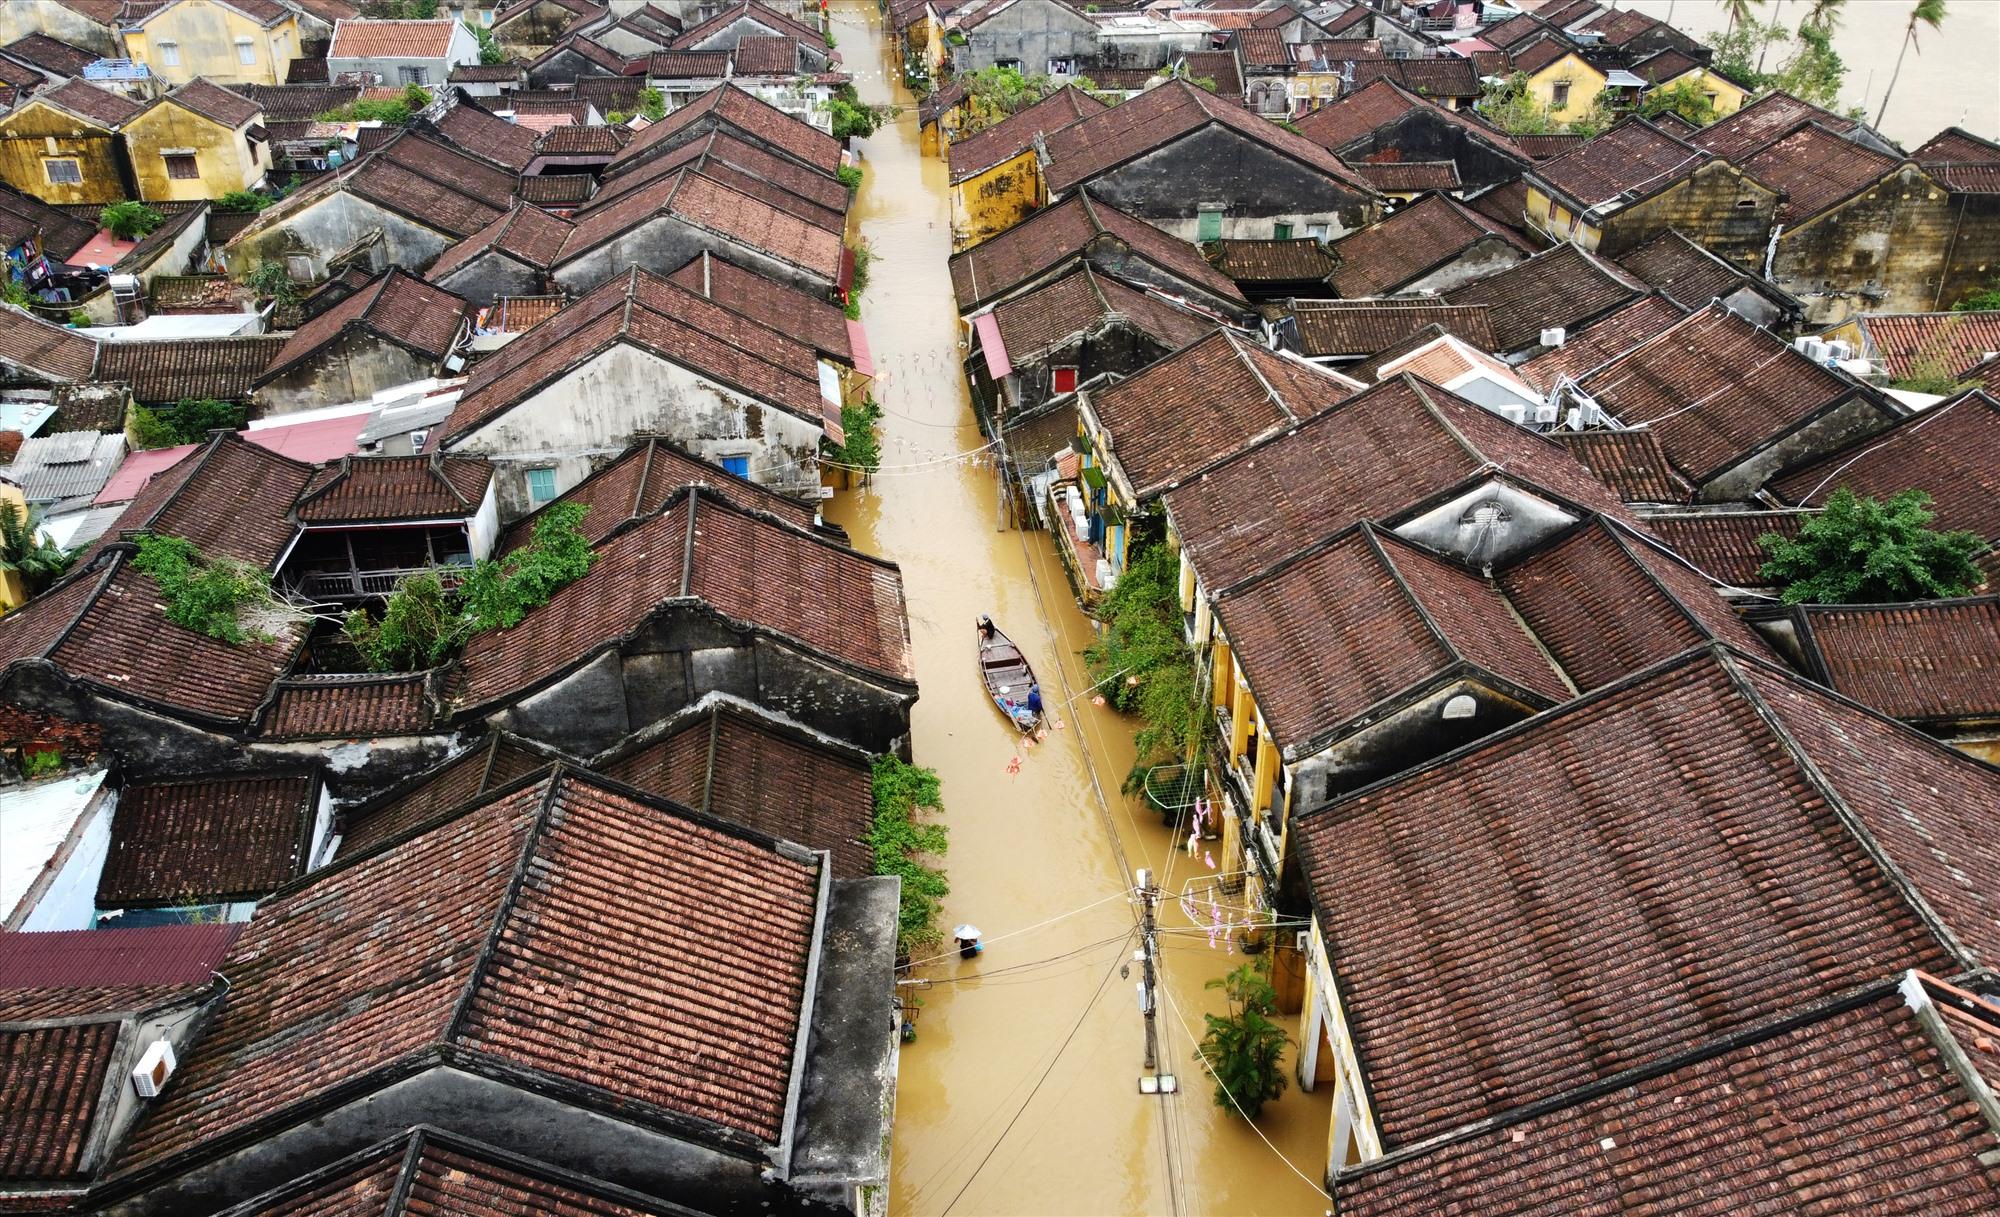 Nước lũ gây ngập từ đêm 10/11 đến nay chưa rút nên người dân dùng ghe thuyền di chuyển trên đường Nguyễn Thái Học ngập hơn 50cm.